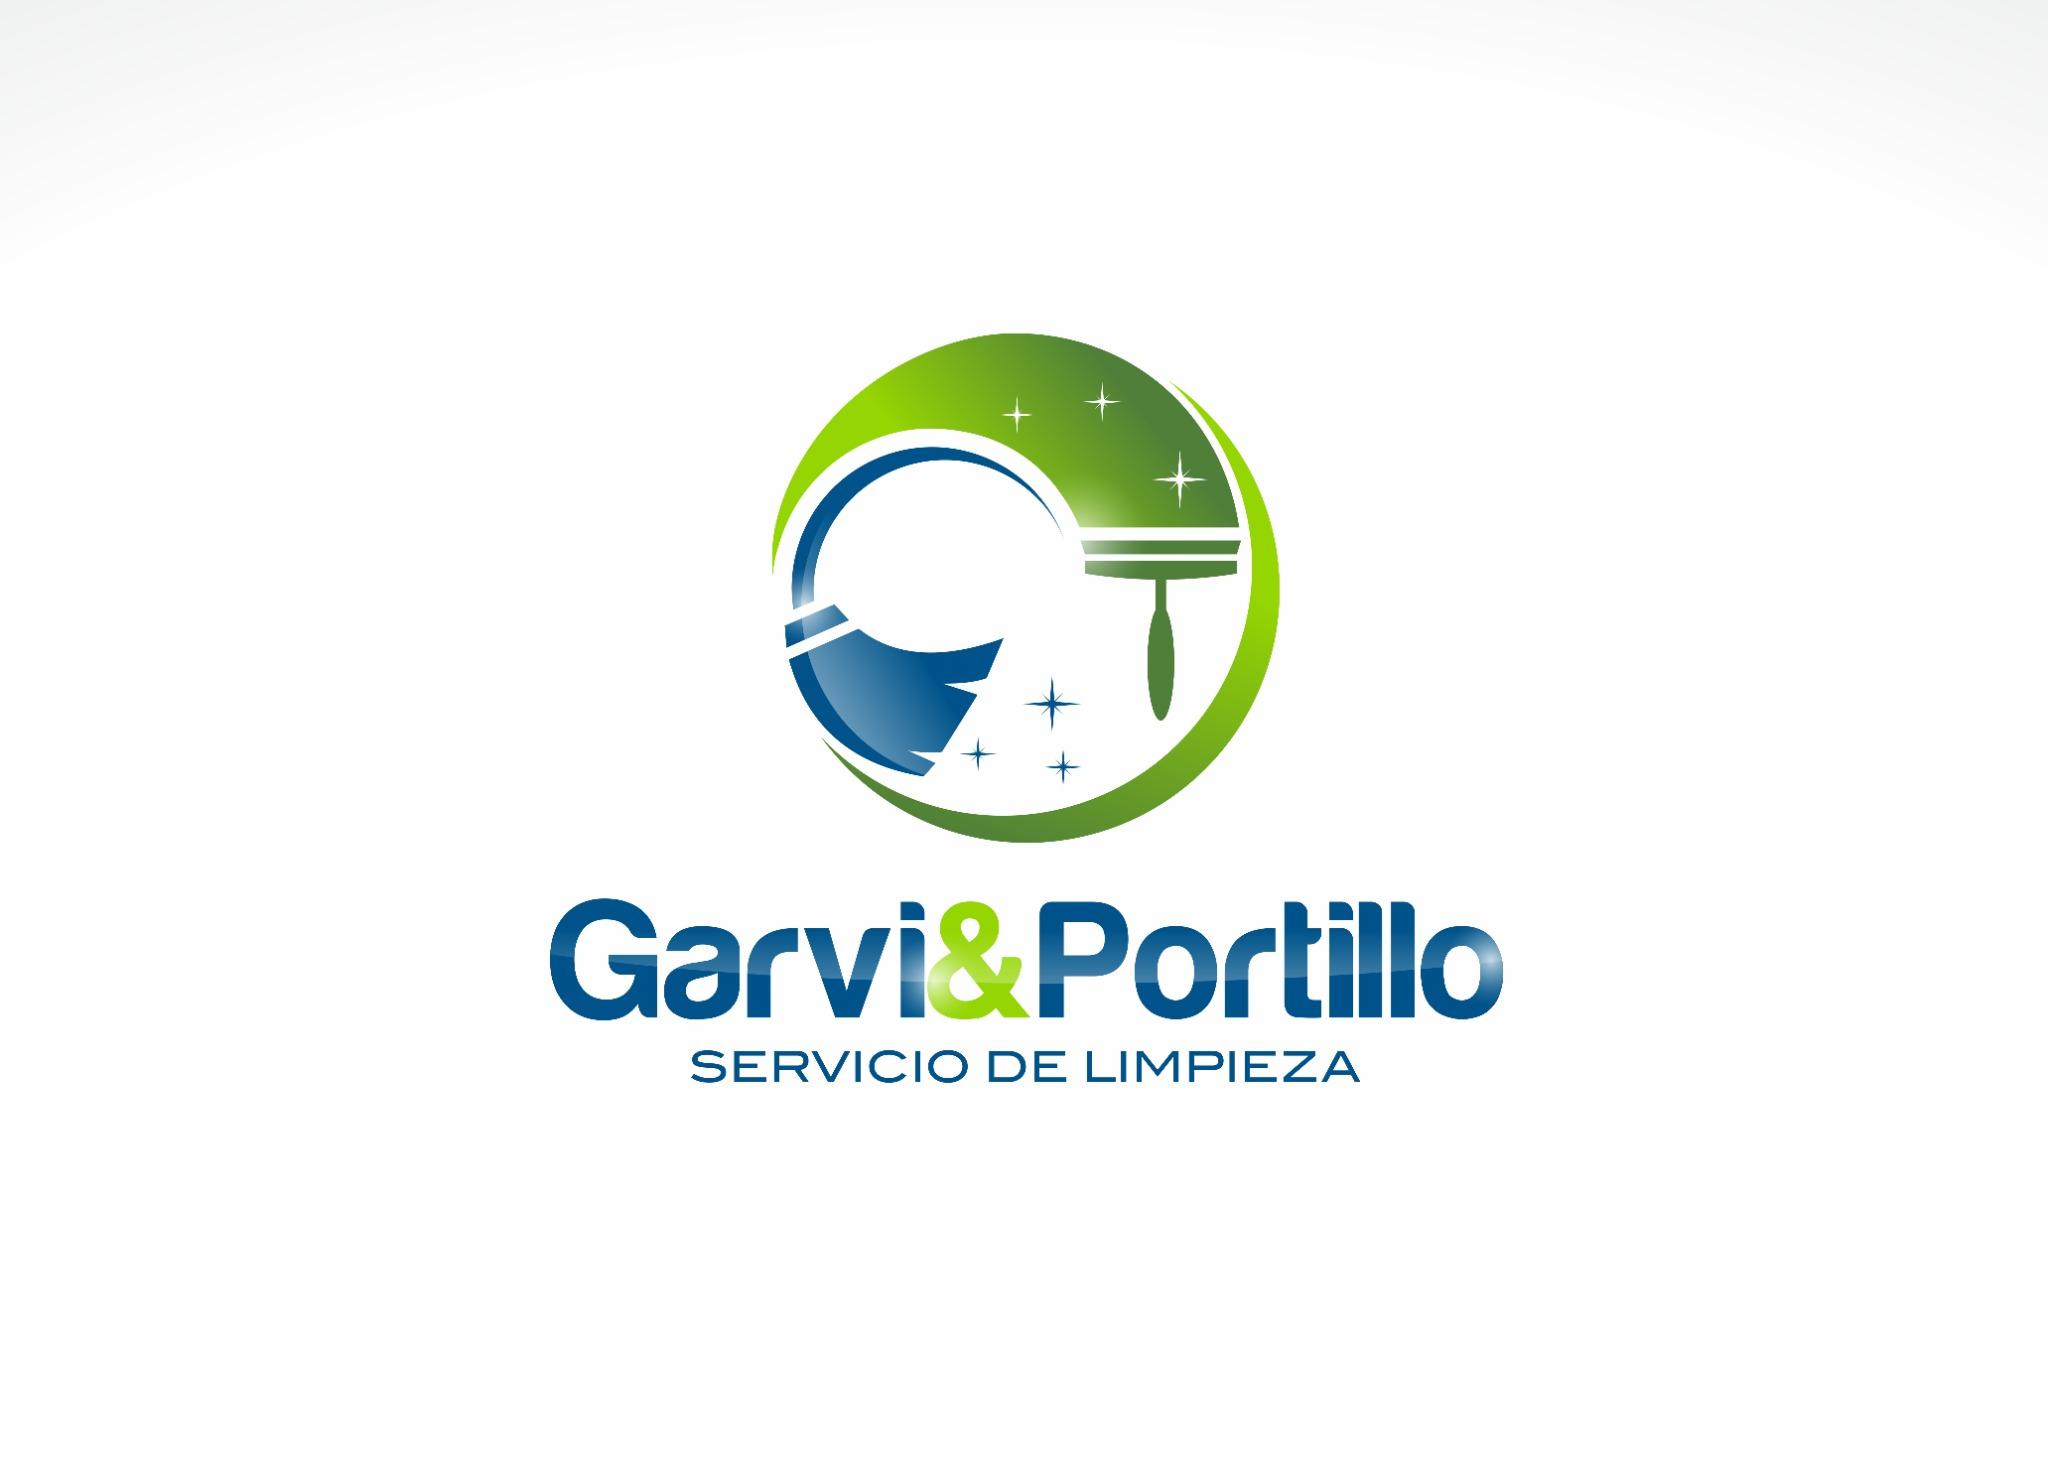 Garvi&Portillo Limpieza y Mantenimiento